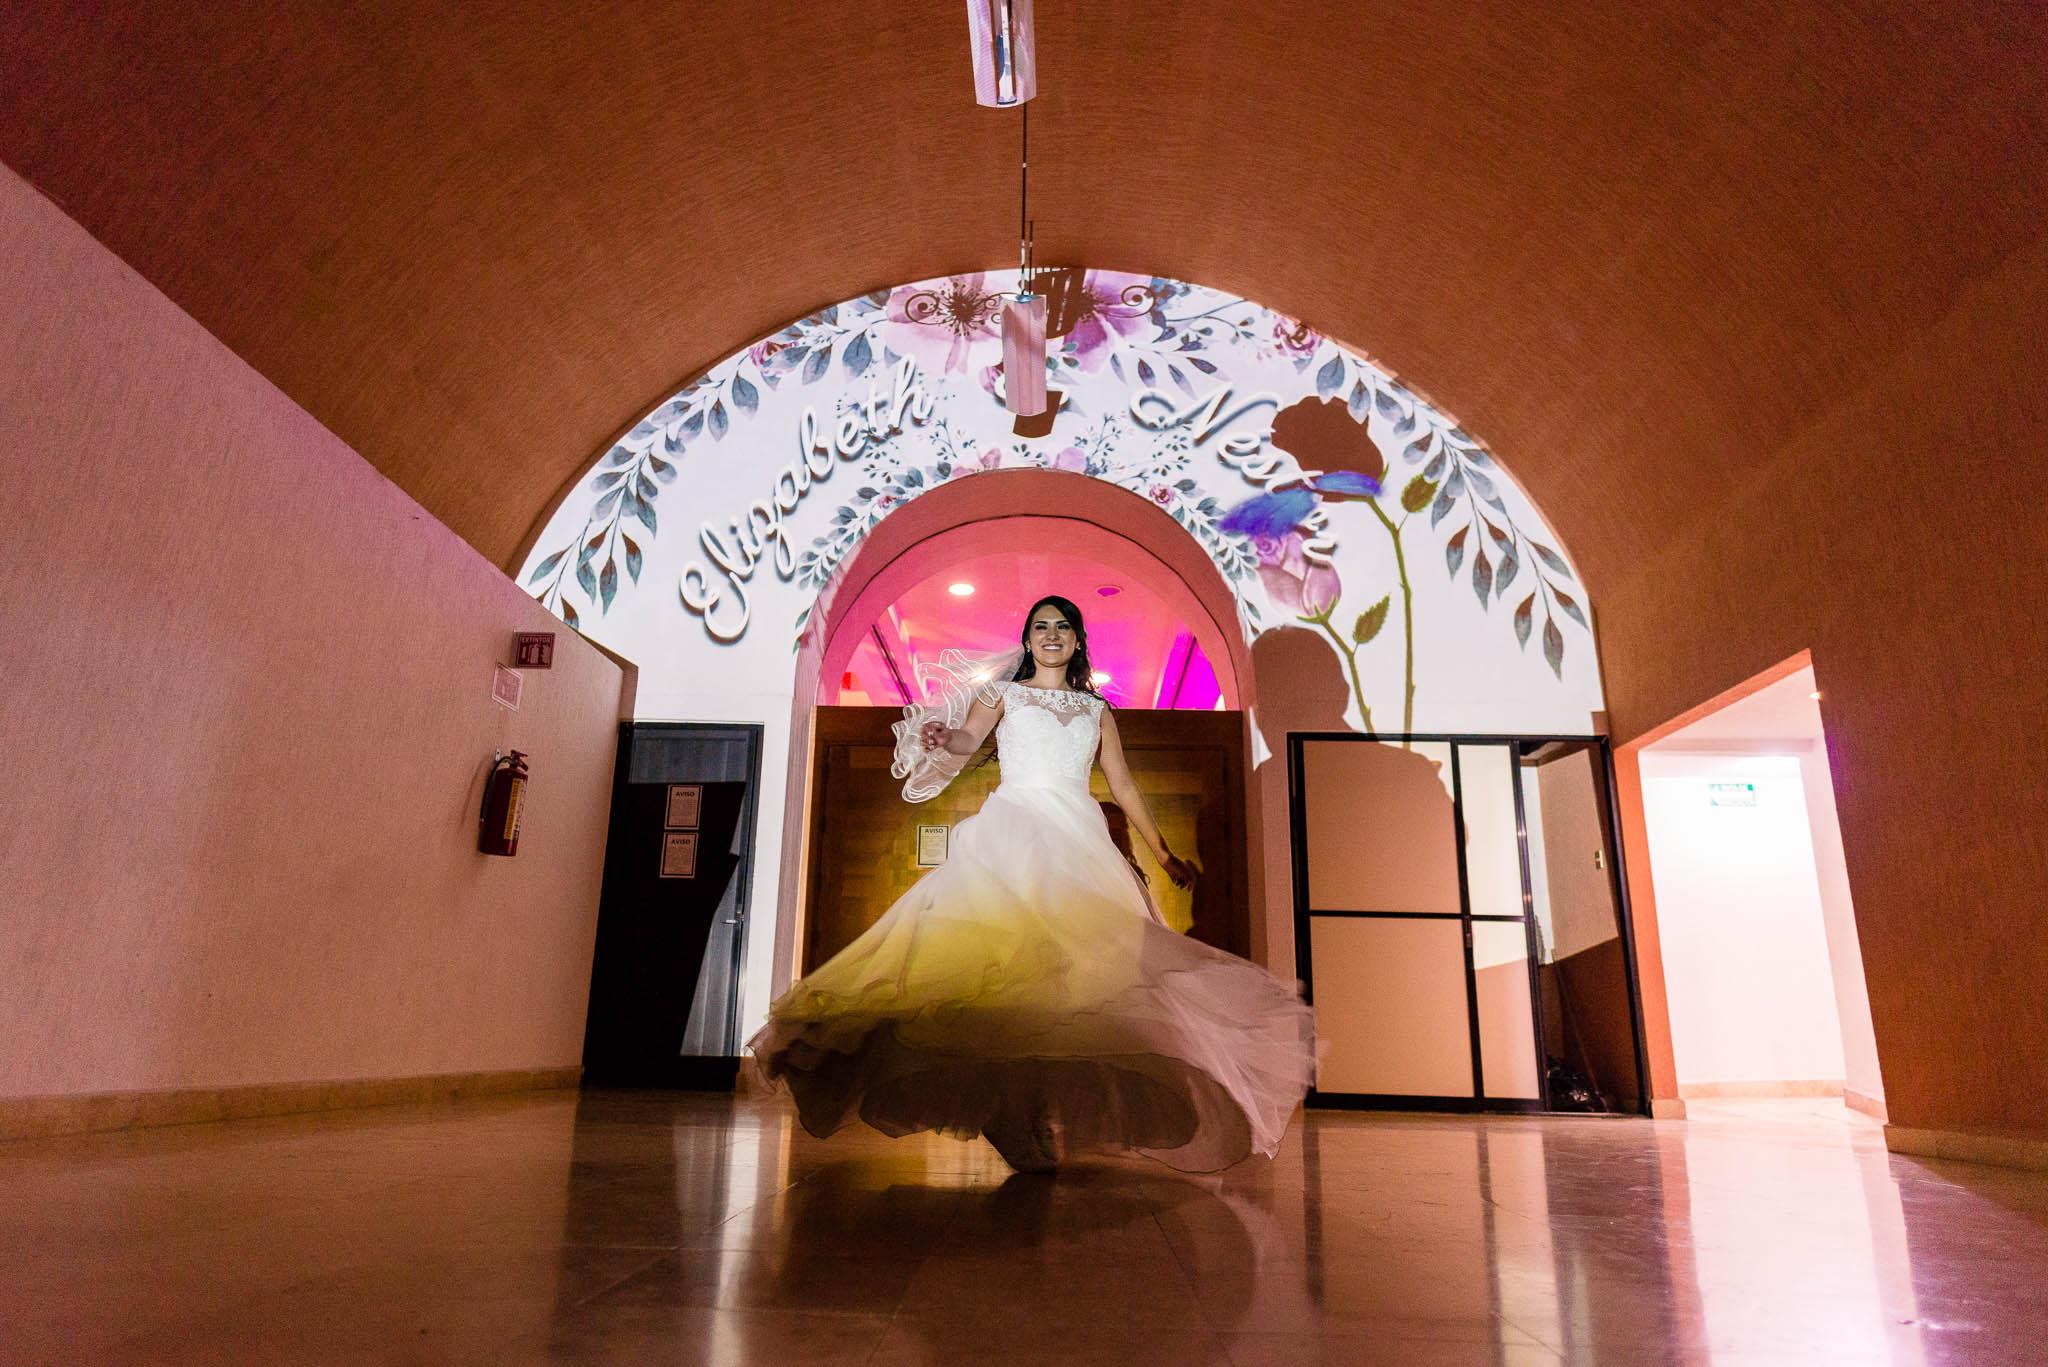 fotografo de bodas san luis potosi boda mexico wedding destination fotos de boda 165